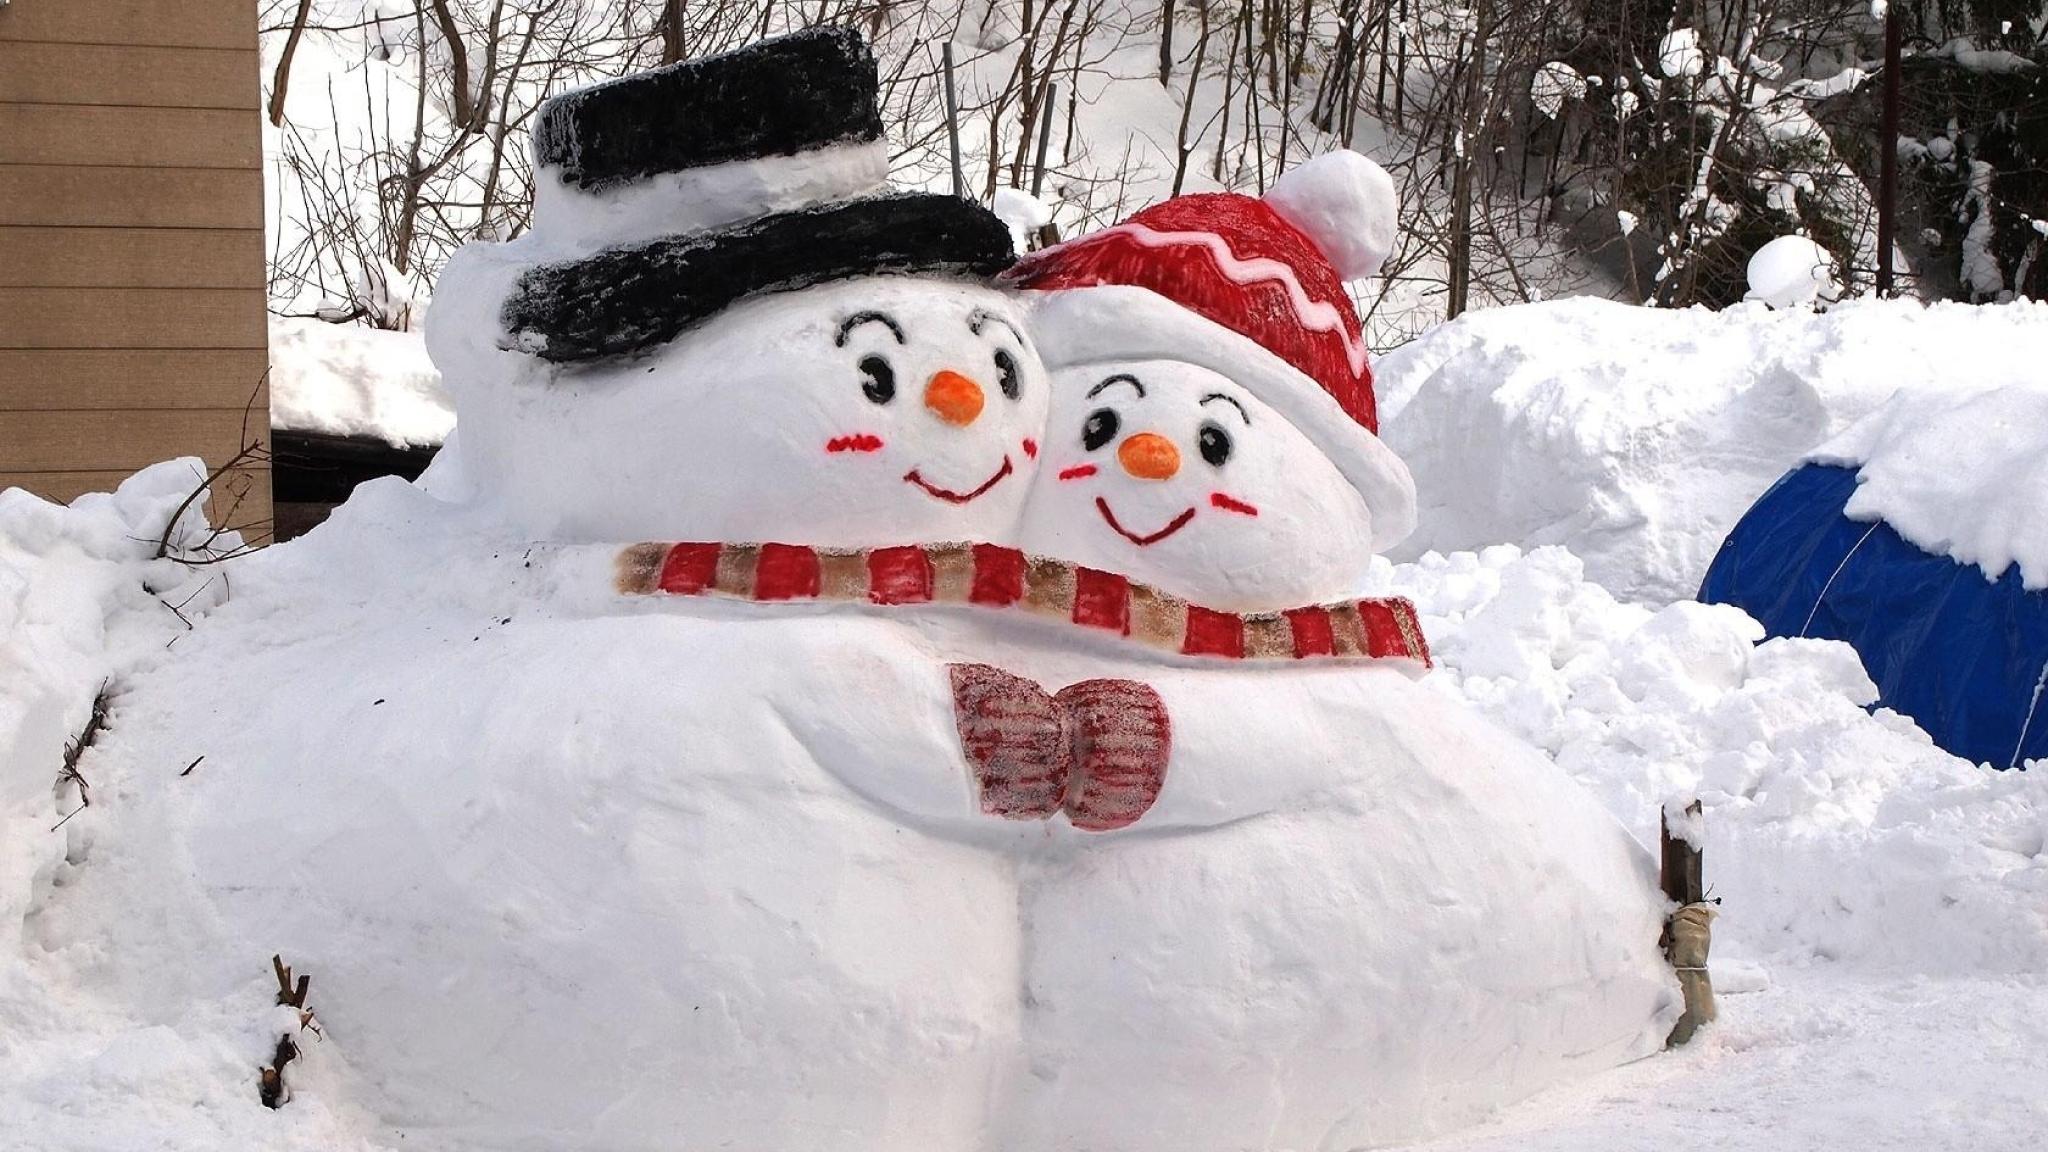 2048x1152 snowmen snow winter 2048x1152 Resolution Wallpaper HD 2048x1152